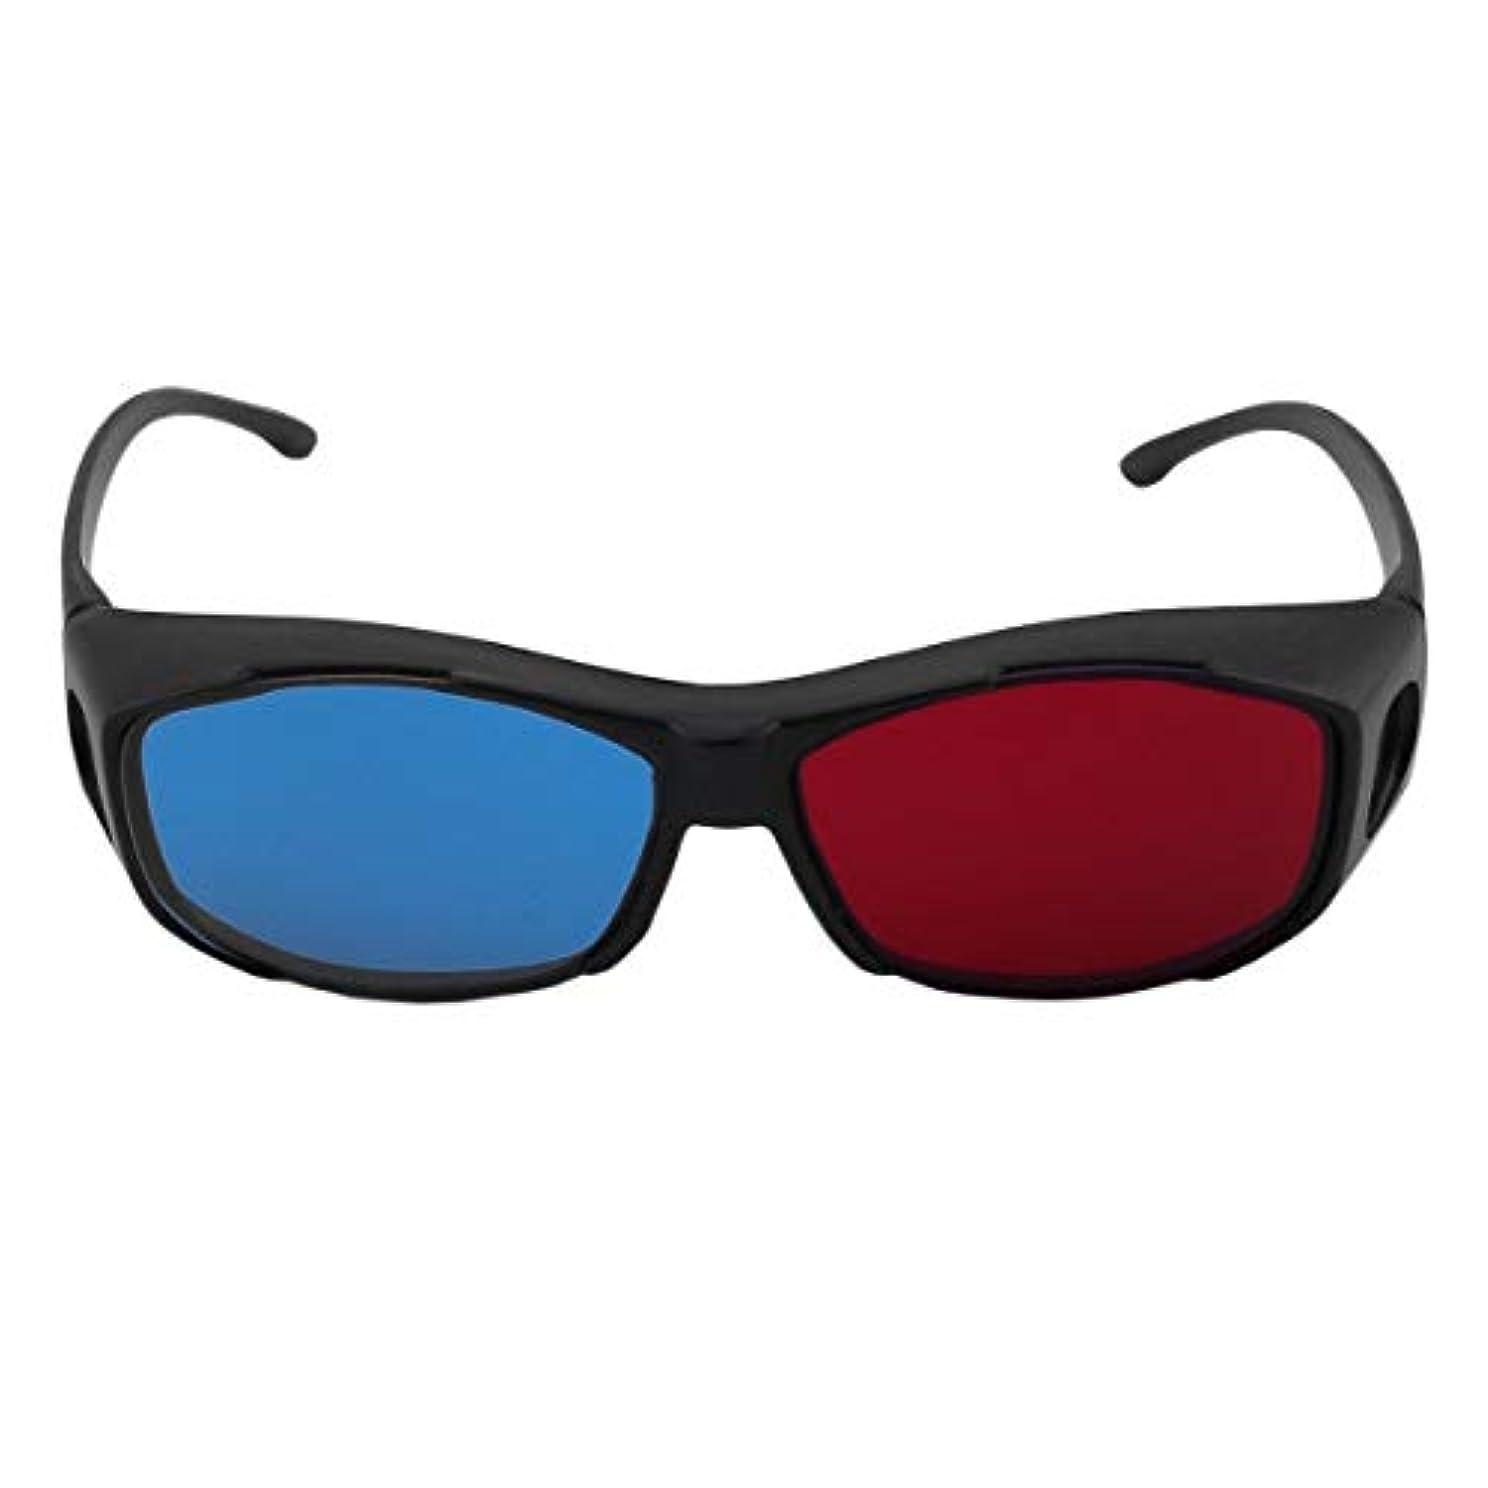 黒人恥葉を拾うBlackfell ユニバーサルタイプ3Dメガネテレビ映画次元アナグリフビデオフレーム3DビジョンメガネDVDゲームガラス赤と青の色